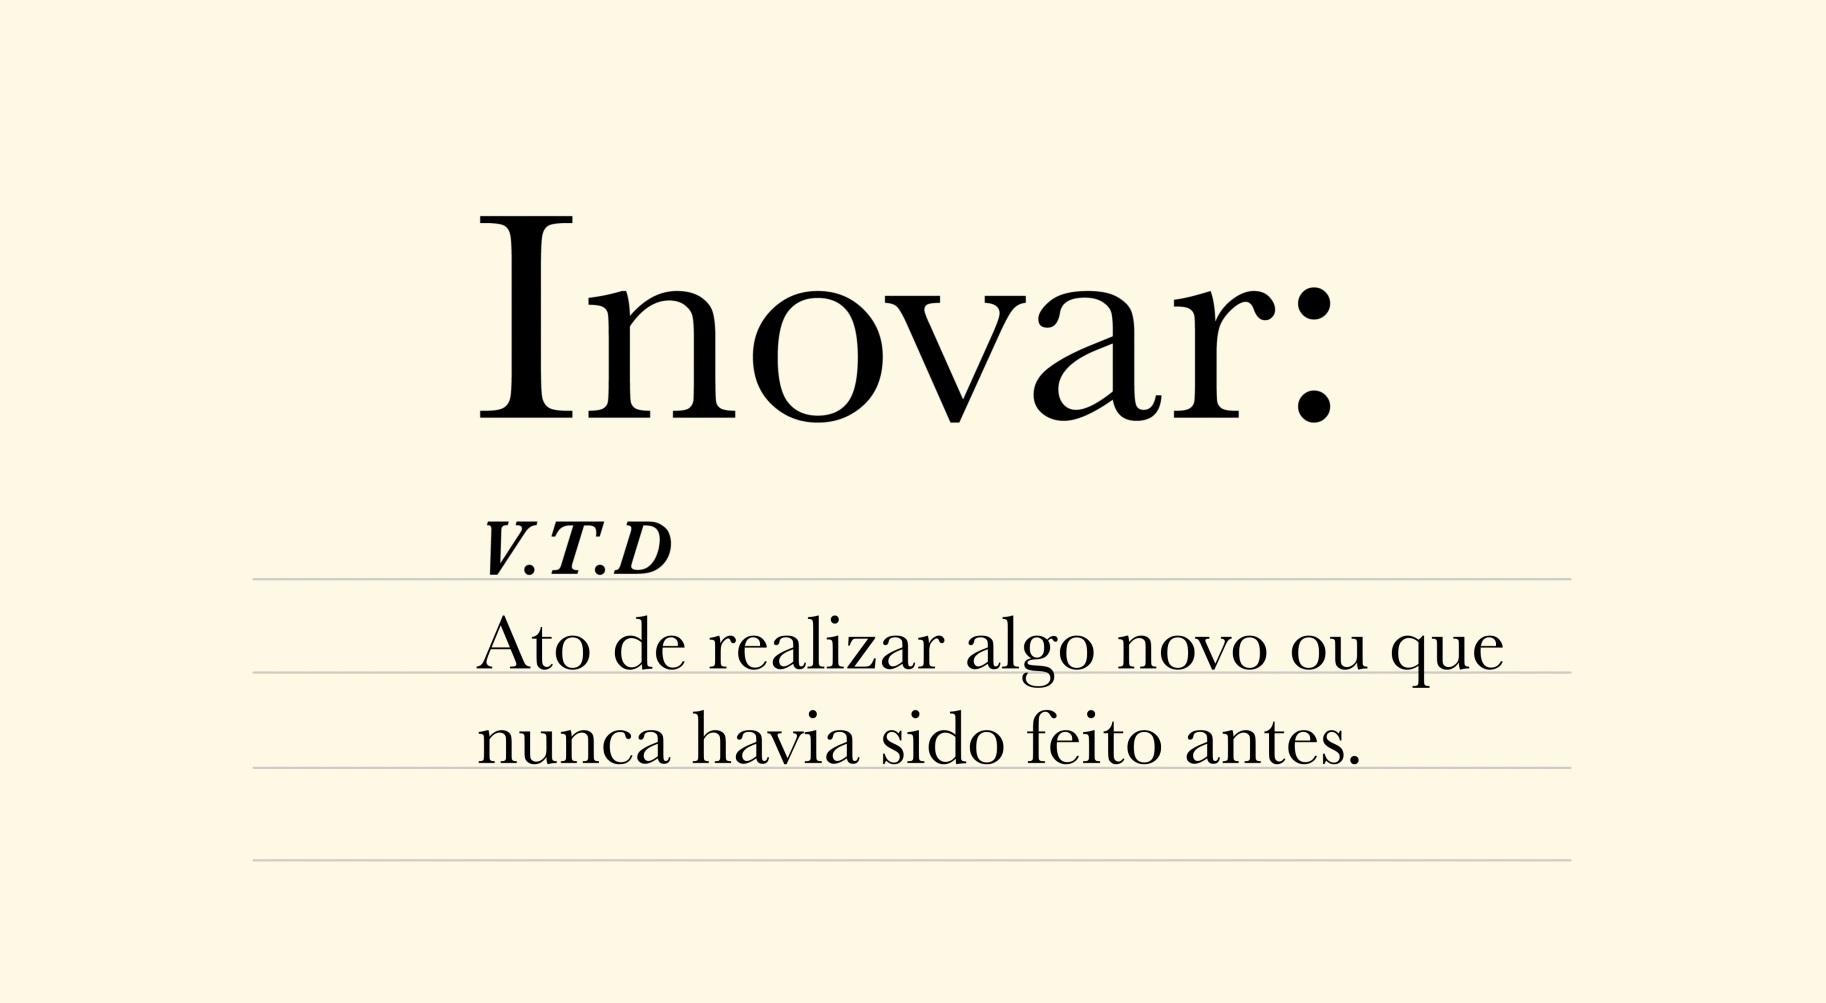 """Ilustração com a definição da palavra """"inovar"""" escrita"""